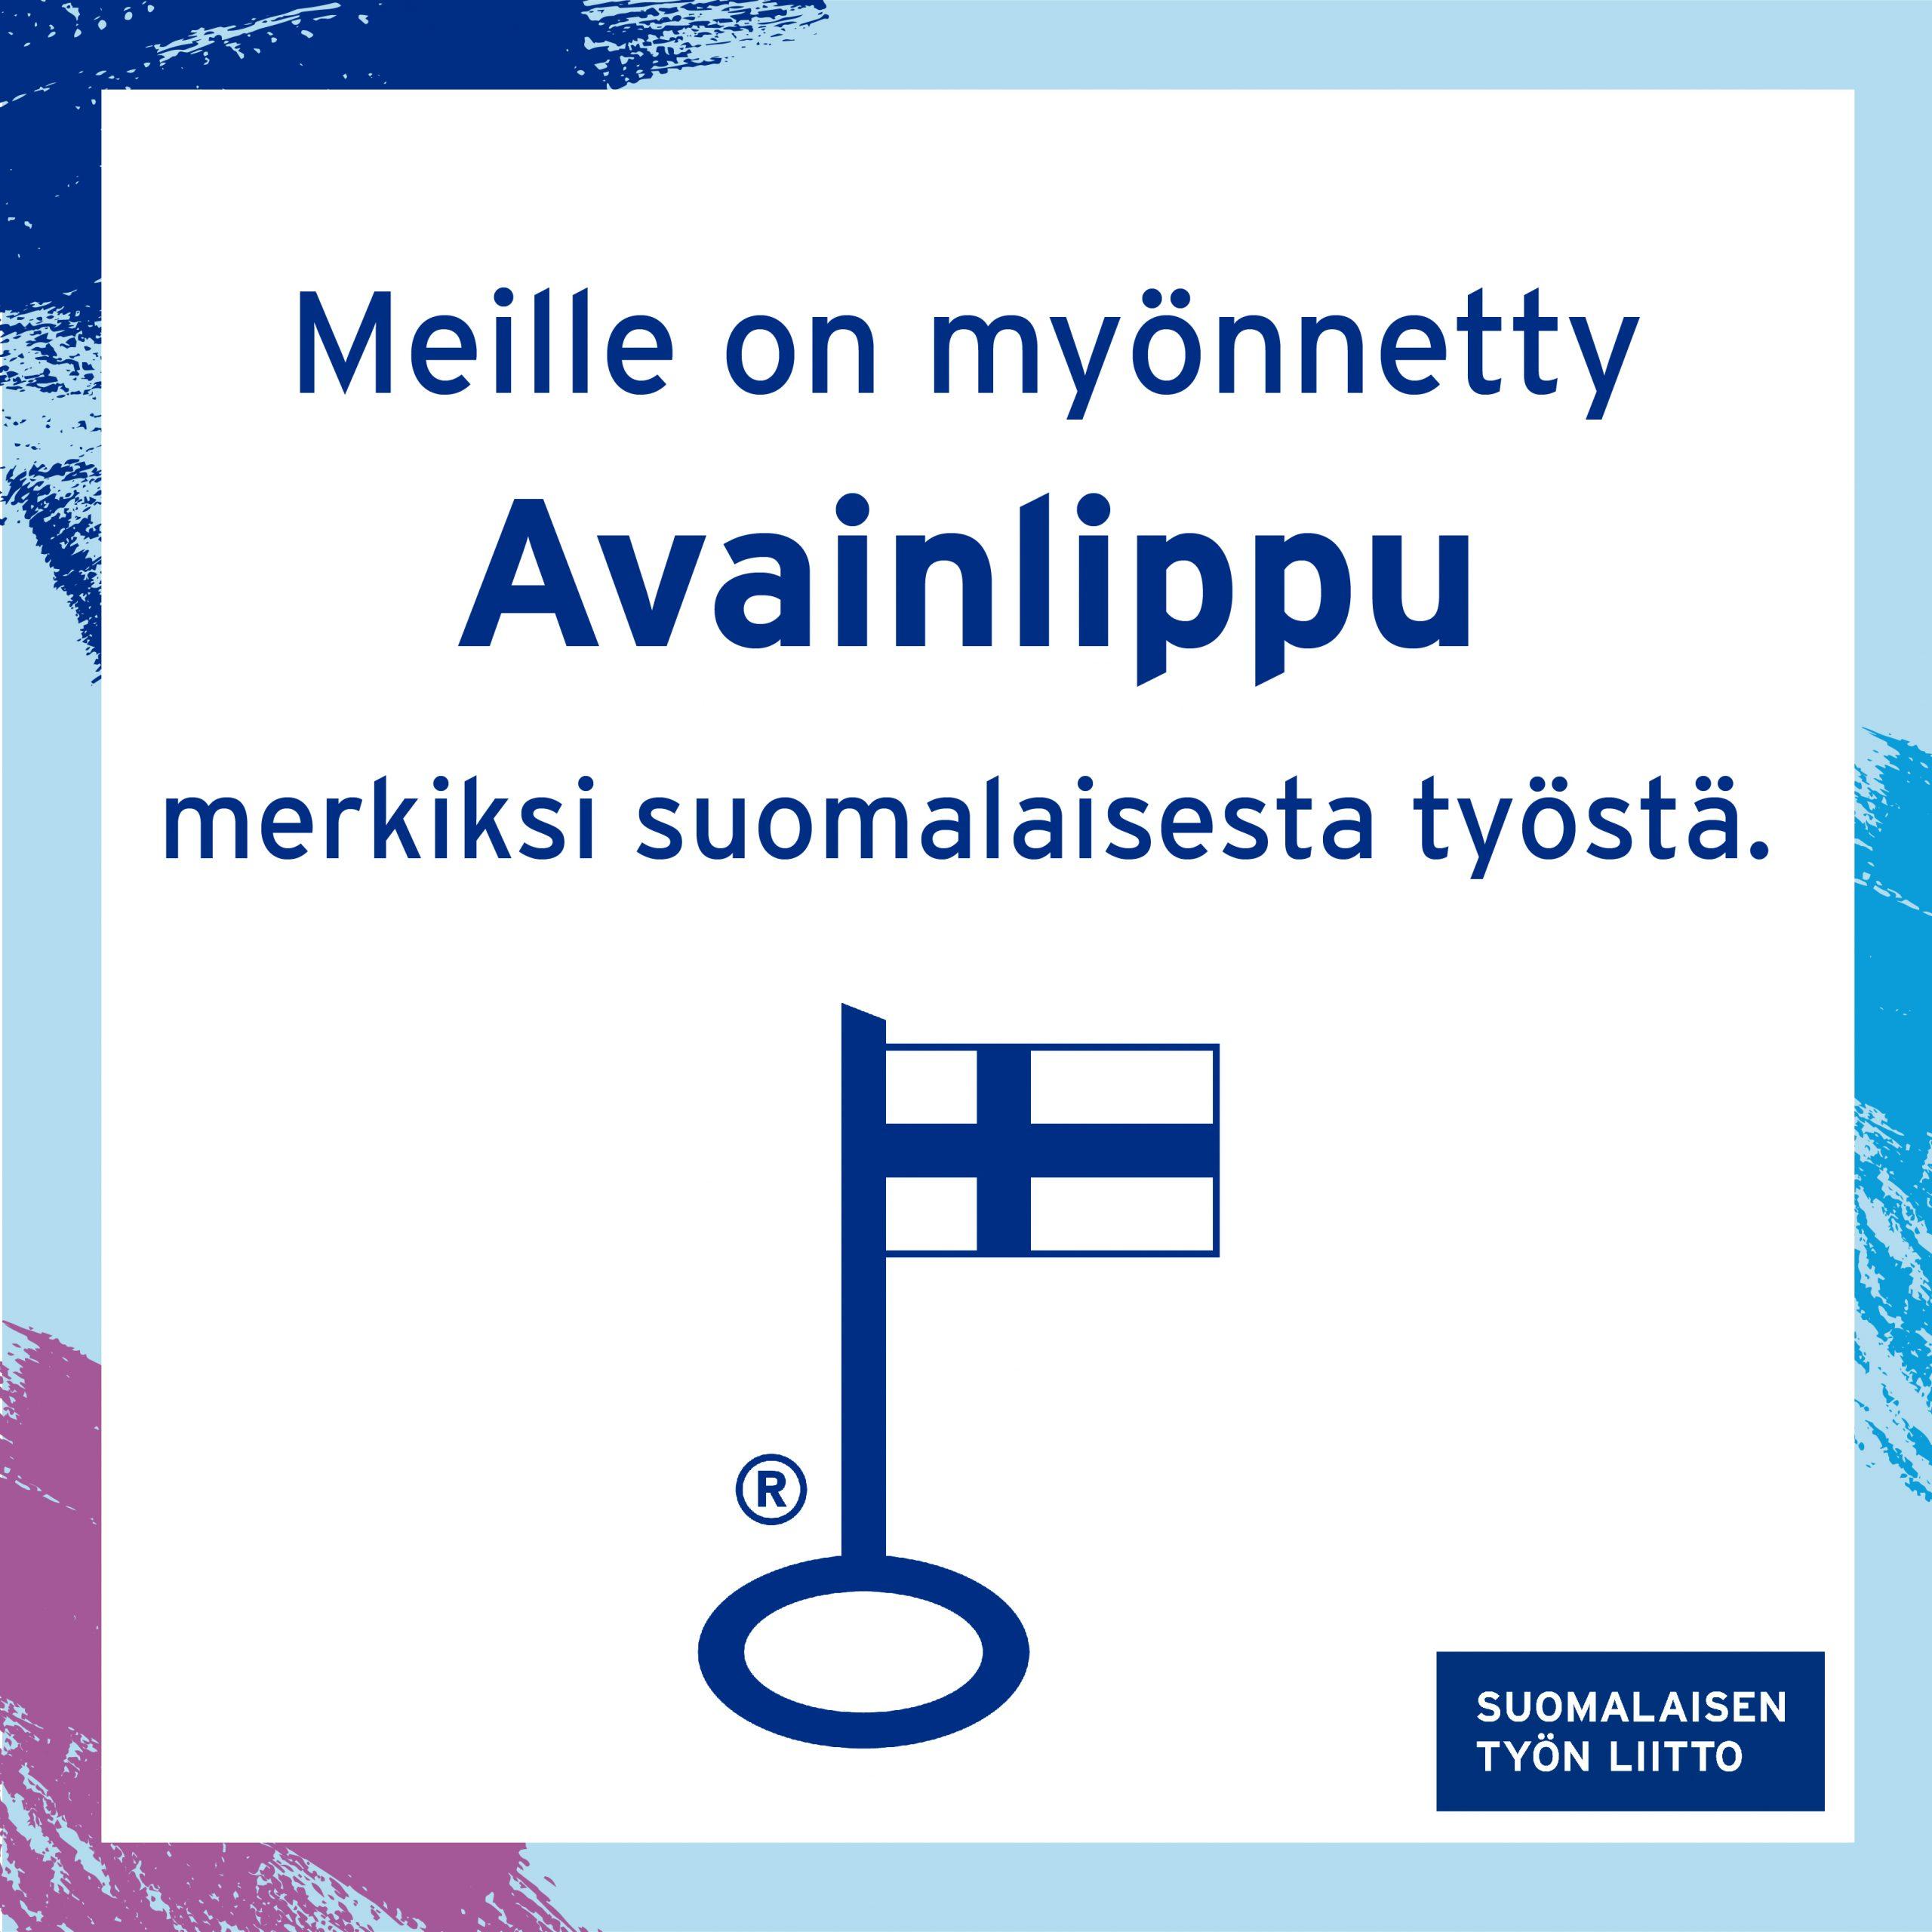 MP- Plast - Meille on myönnetty Avainlippu merkiksi suomalaisesta työstä